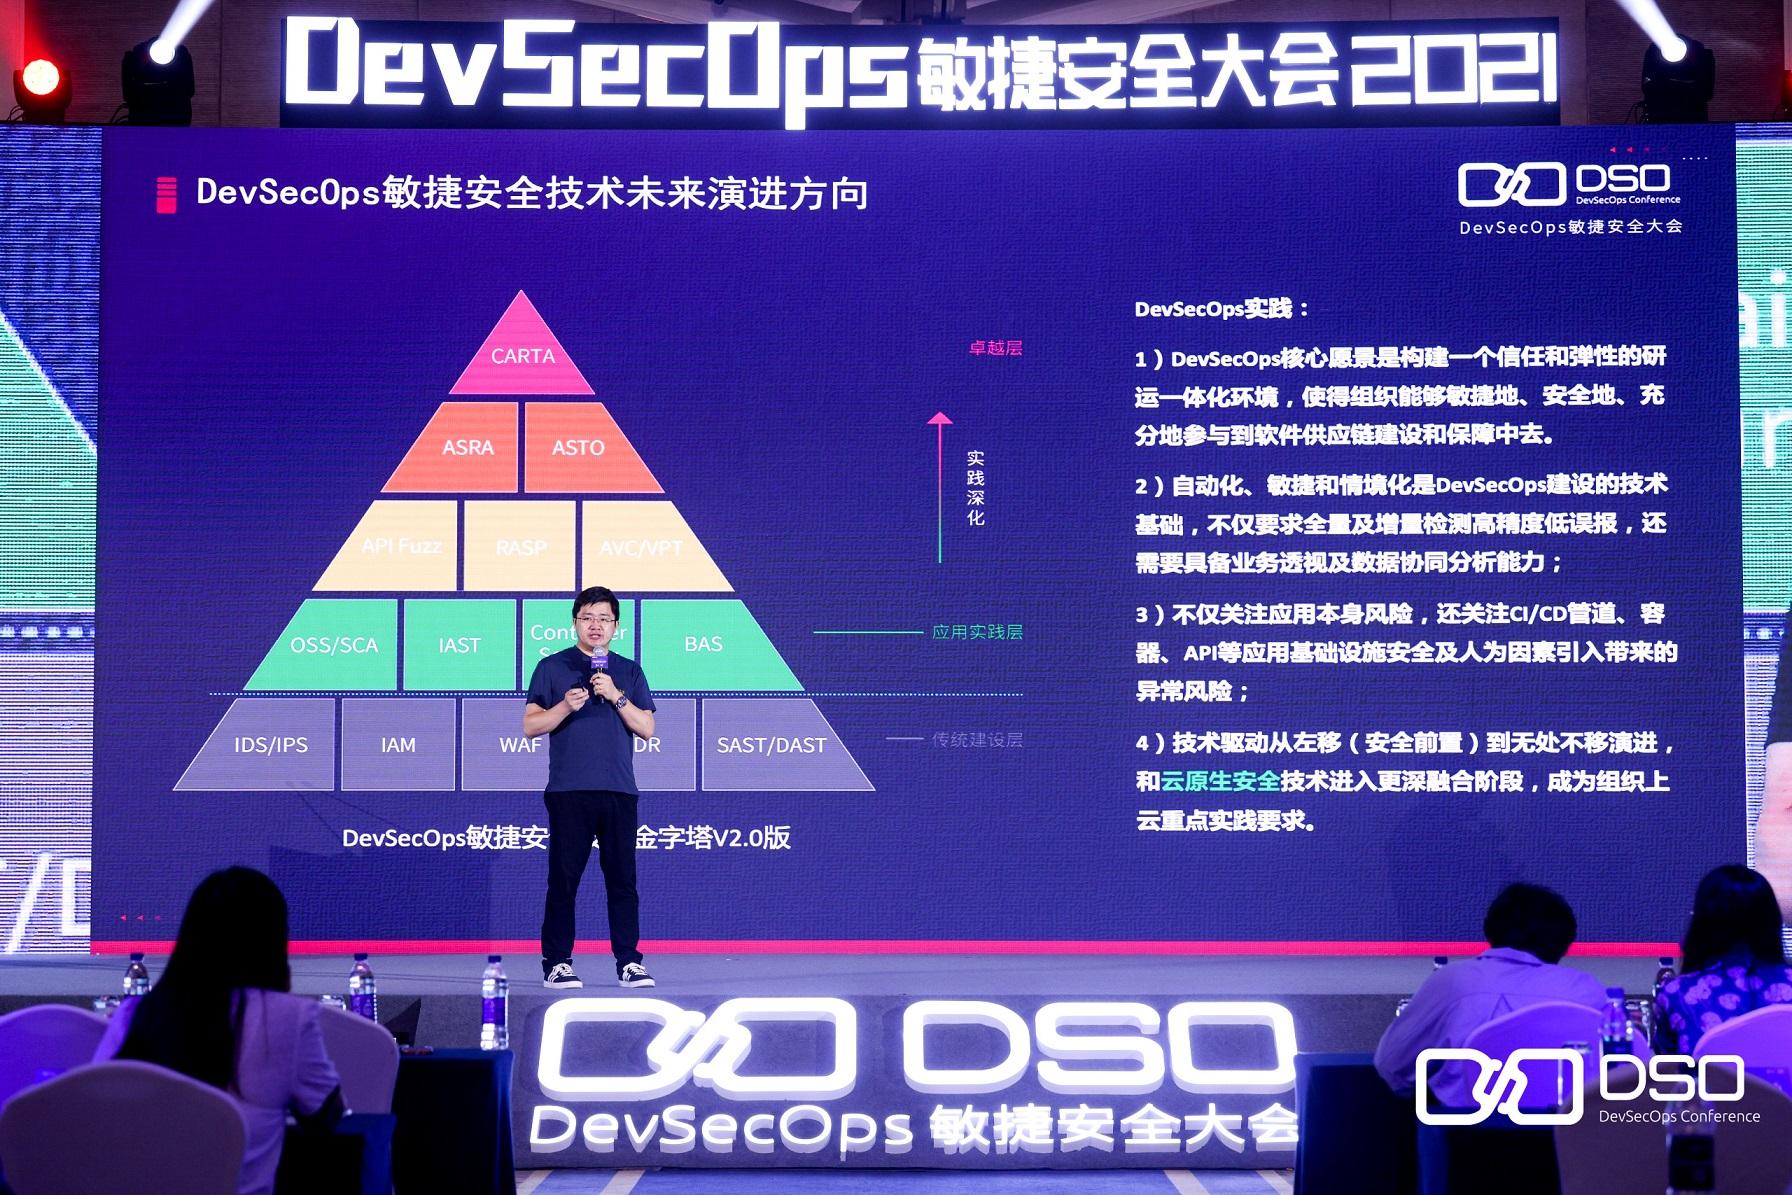 安全从供应链开始,首届DevSecOps敏捷安全大会成功举办